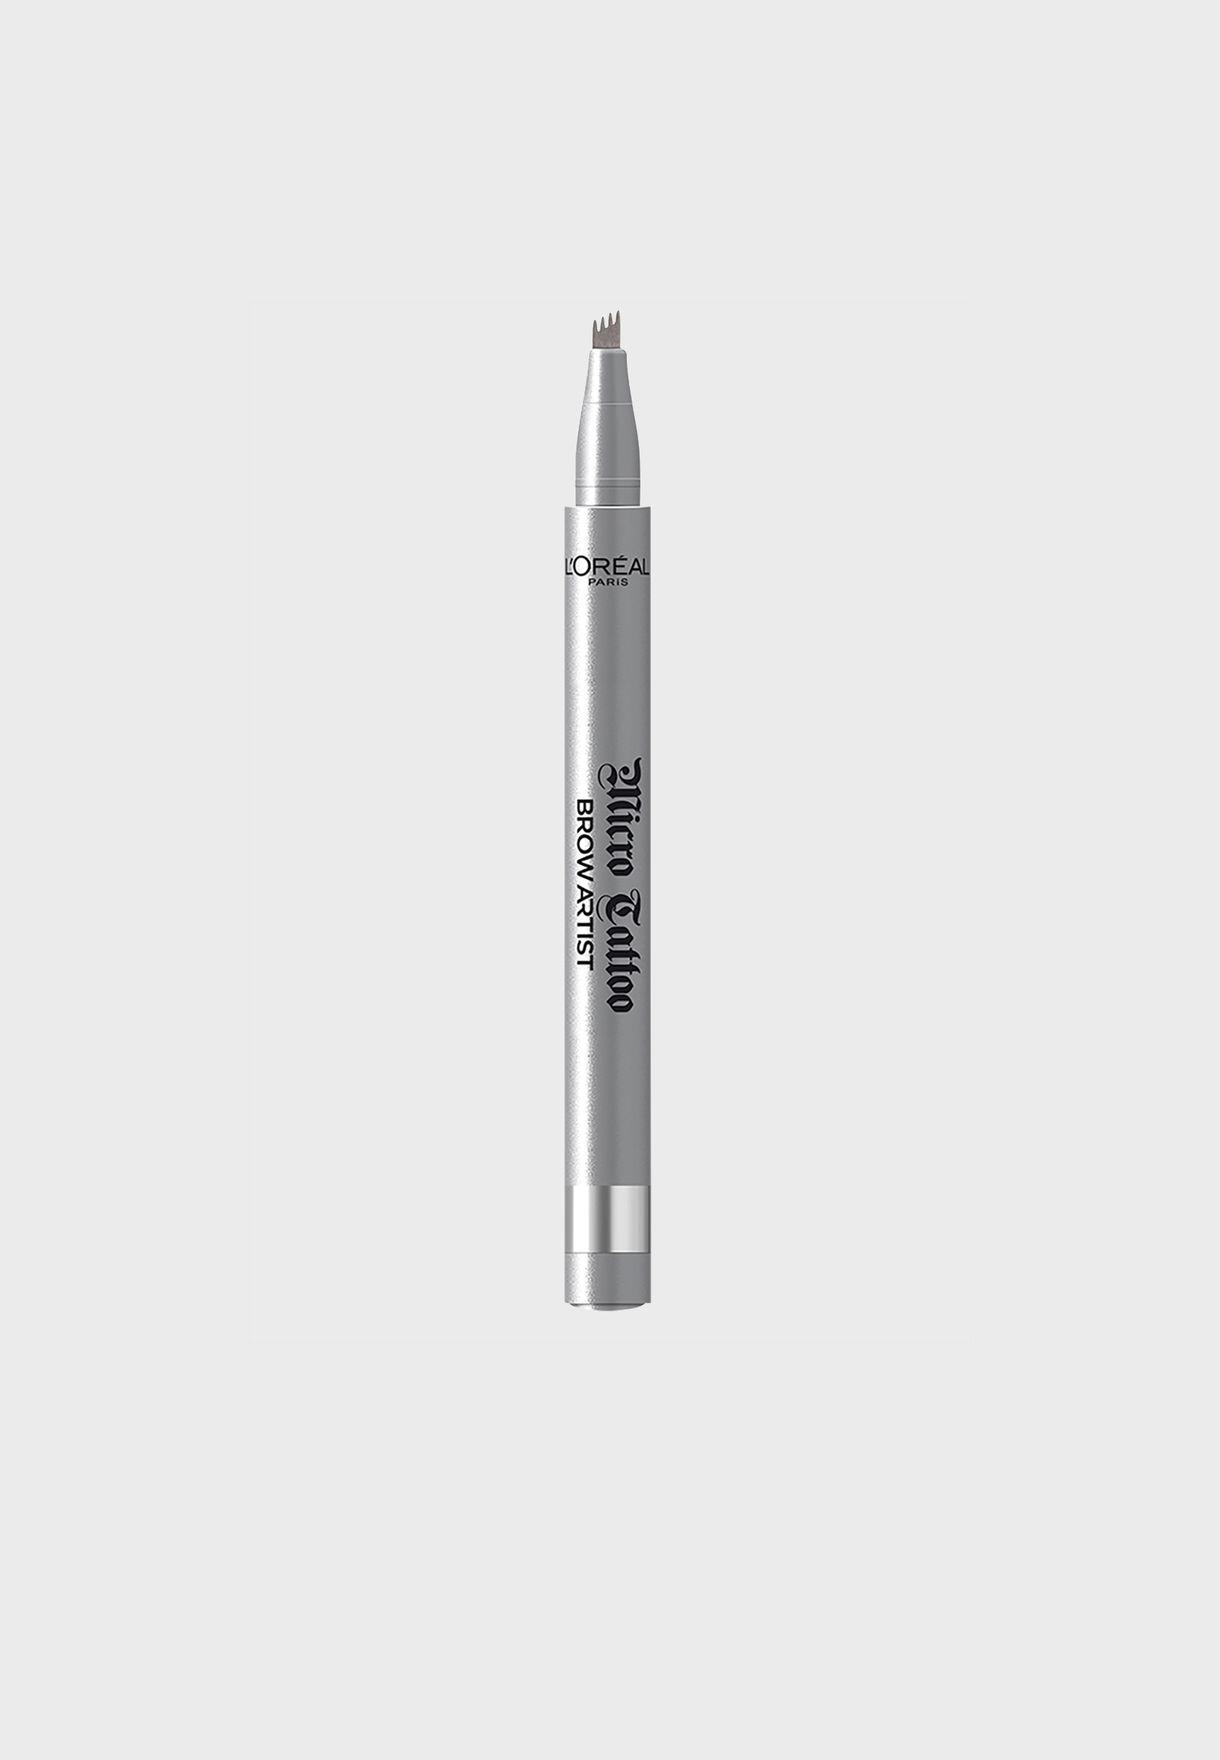 قلم حواجب برو ارتيست ميكرو تاتو 108